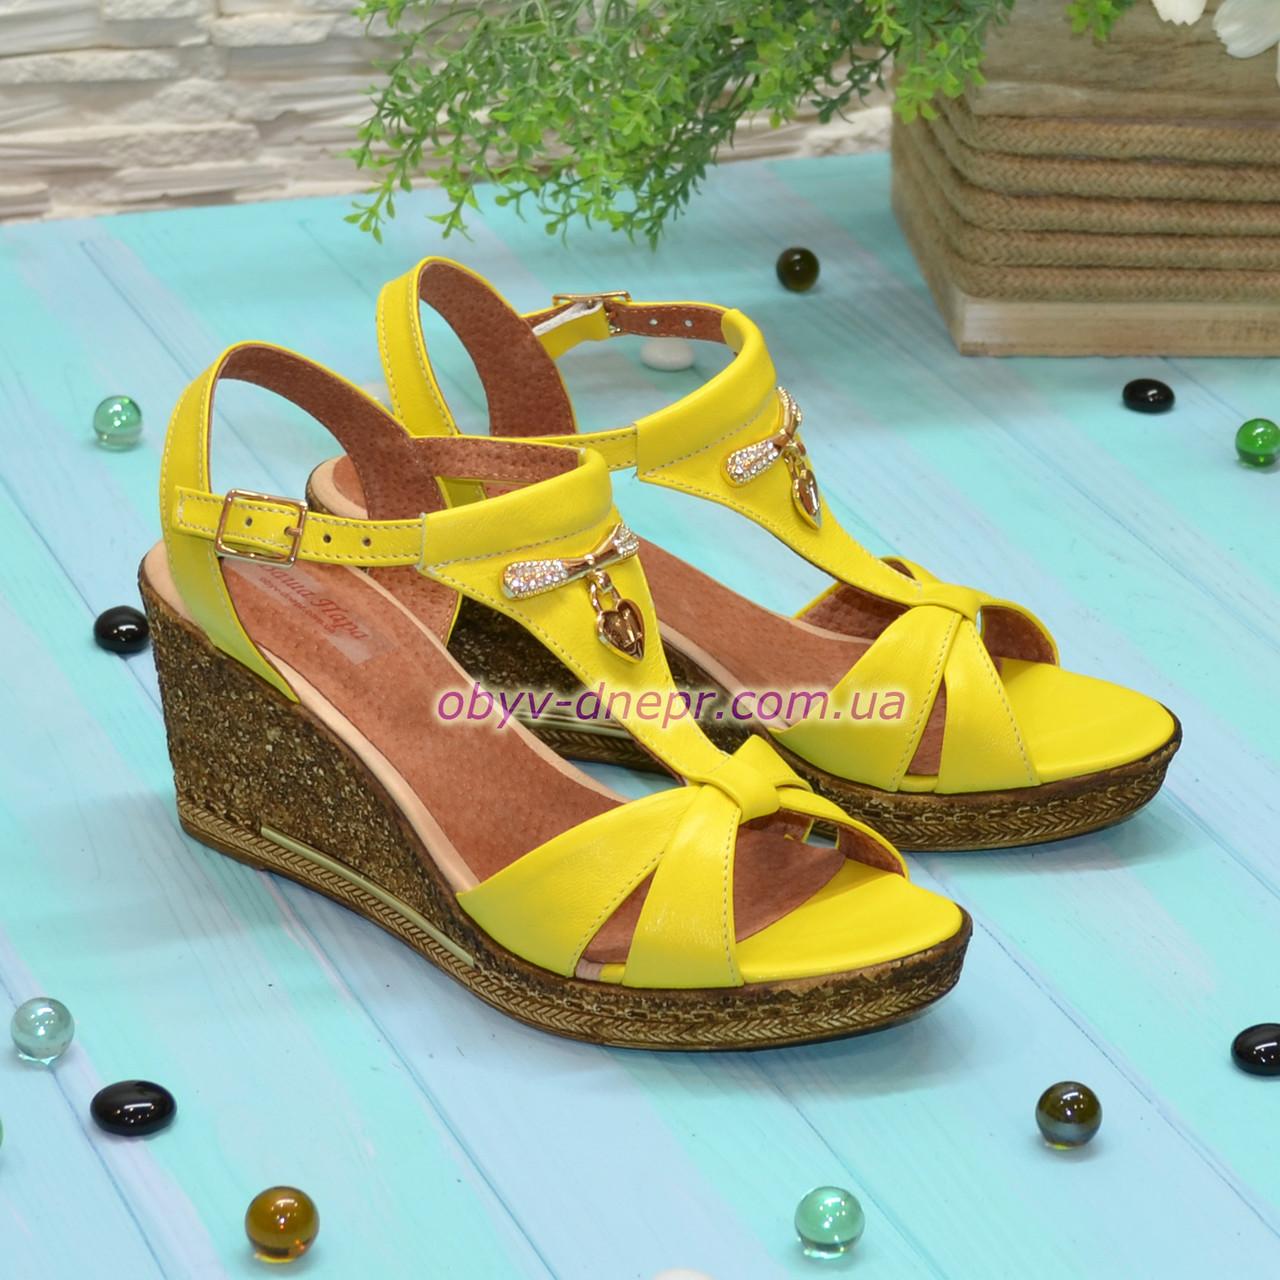 Женские кожаные босоножки на невысокой платформе, цвет желтый